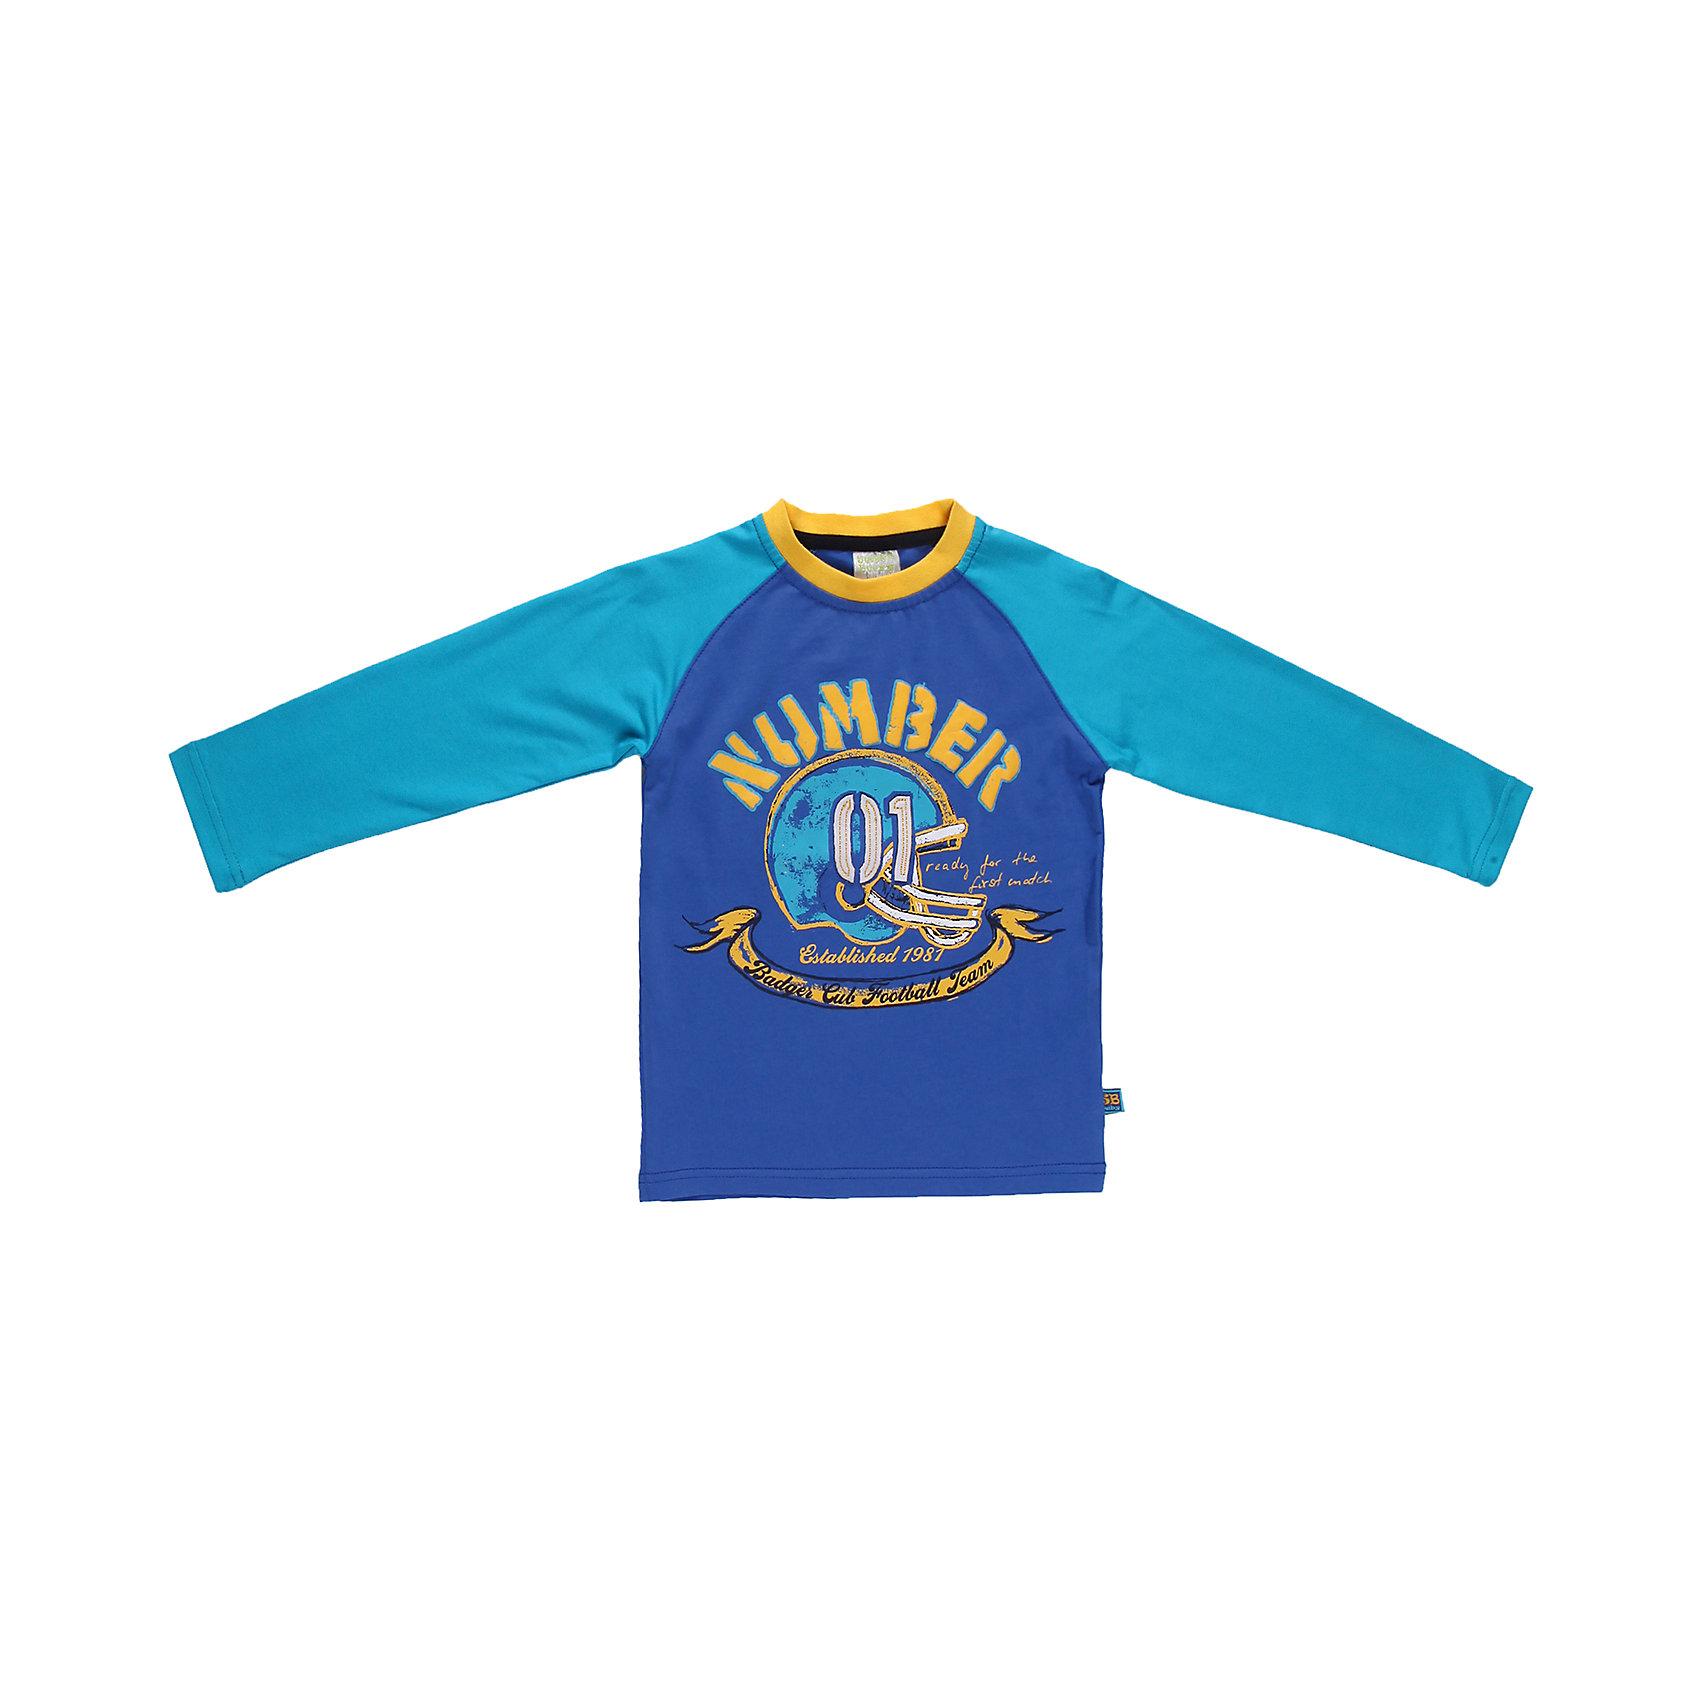 Футболка с длинным рукавом для мальчика Sweet BerryЯркая футболка с длинным рукавом для мальчика. Горловина из эластичной трикотажной резинки контрастного цвета. Футболка украшена модным принтом.<br>Состав:<br>95% хлопок 5% эластан<br><br>Ширина мм: 230<br>Глубина мм: 40<br>Высота мм: 220<br>Вес г: 250<br>Цвет: голубой/синий<br>Возраст от месяцев: 9<br>Возраст до месяцев: 12<br>Пол: Мужской<br>Возраст: Детский<br>Размер: 80,98,86,92<br>SKU: 4522099